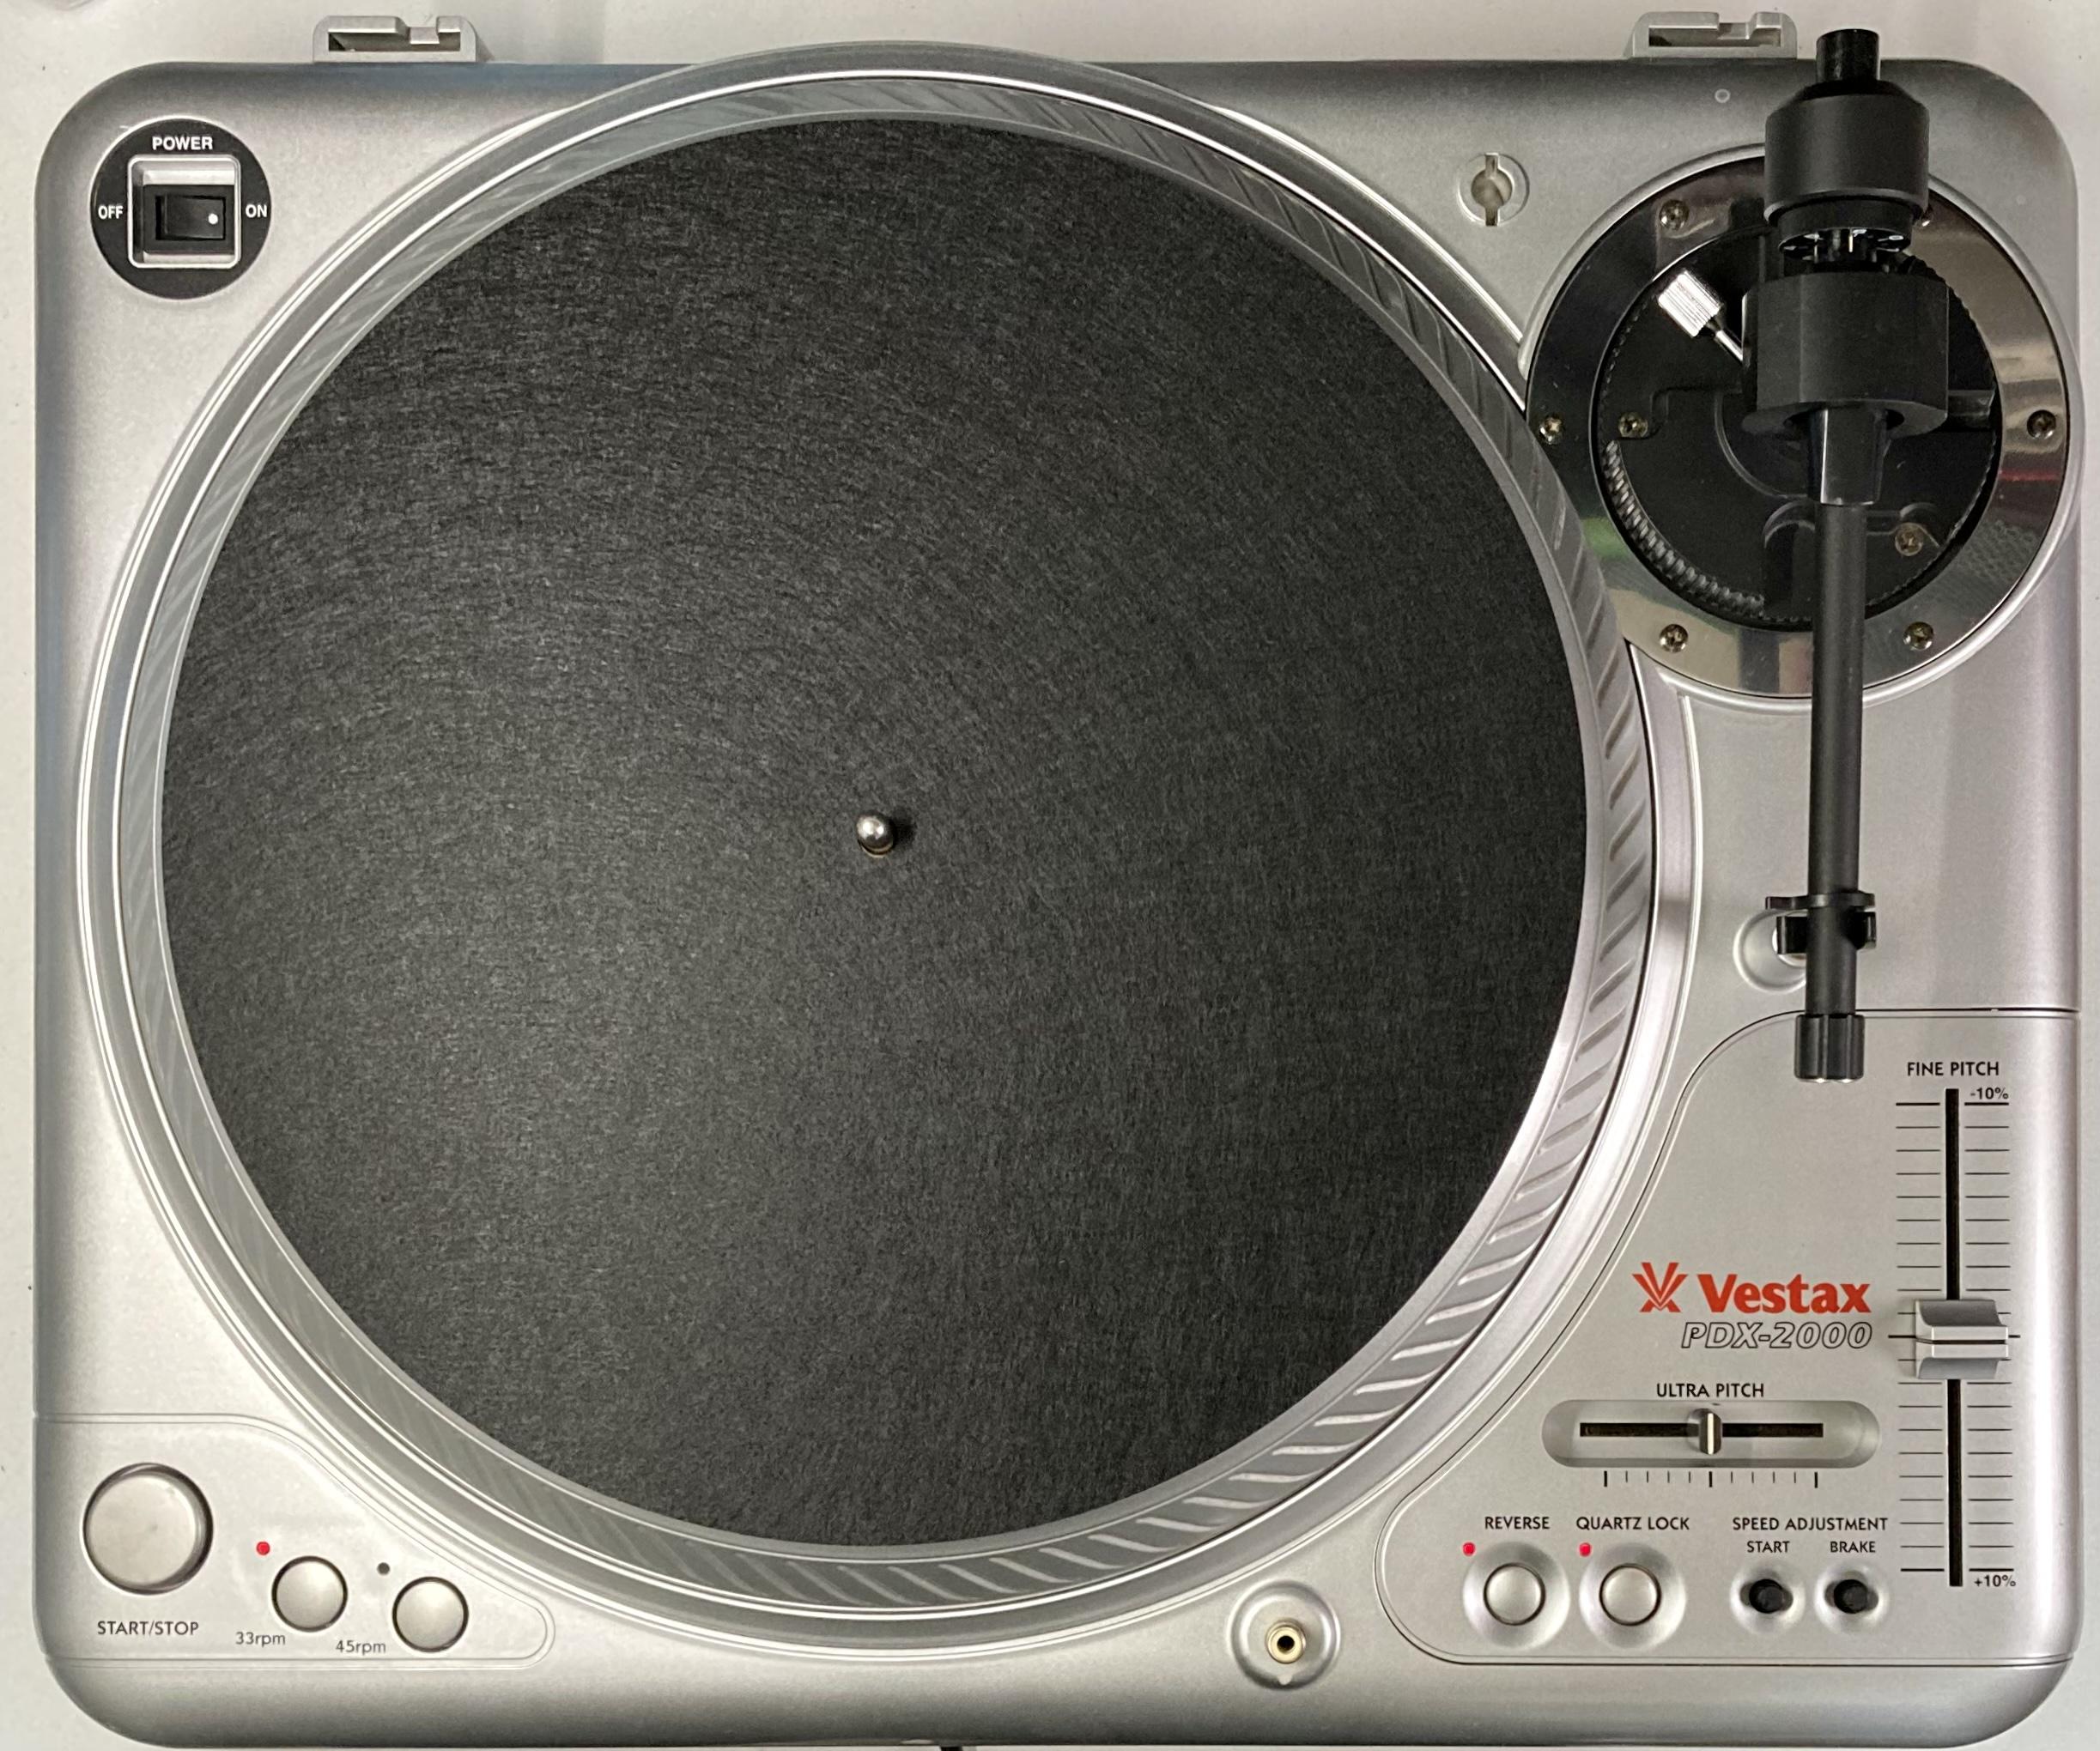 [安心のメンテナンス/カスタム済USED] Vestax PDX-2000 シルバー(インシュレーター改善品) 【6ヶ月保証付き】 TT-0109